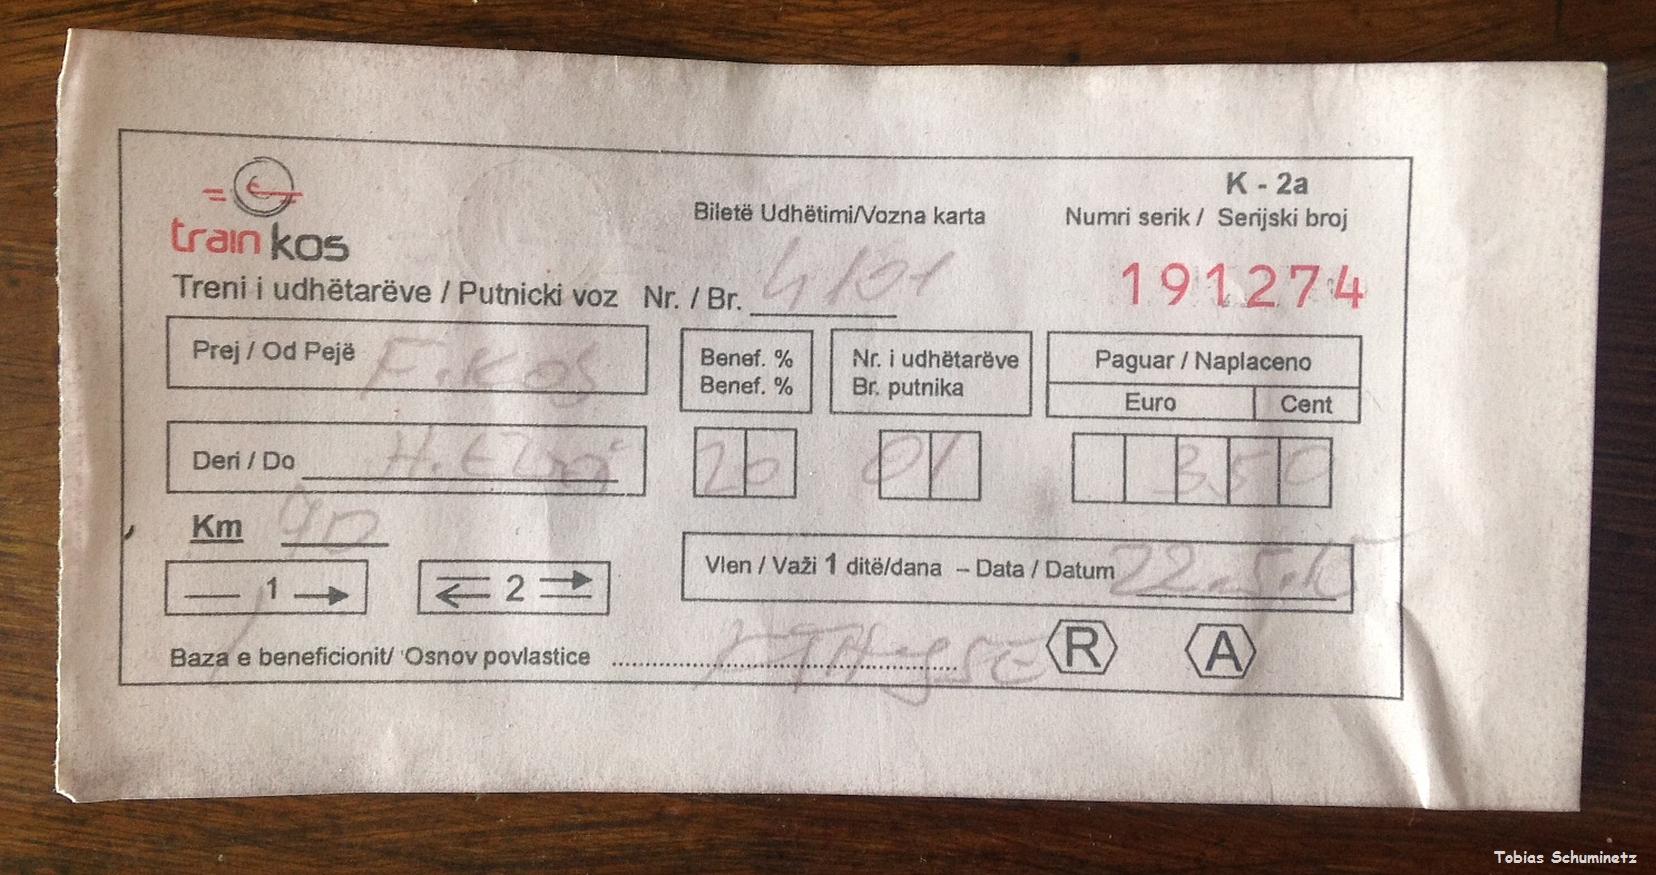 Meine Fahrkarte für die Fahrt nach Hani i Elezit und zurück.